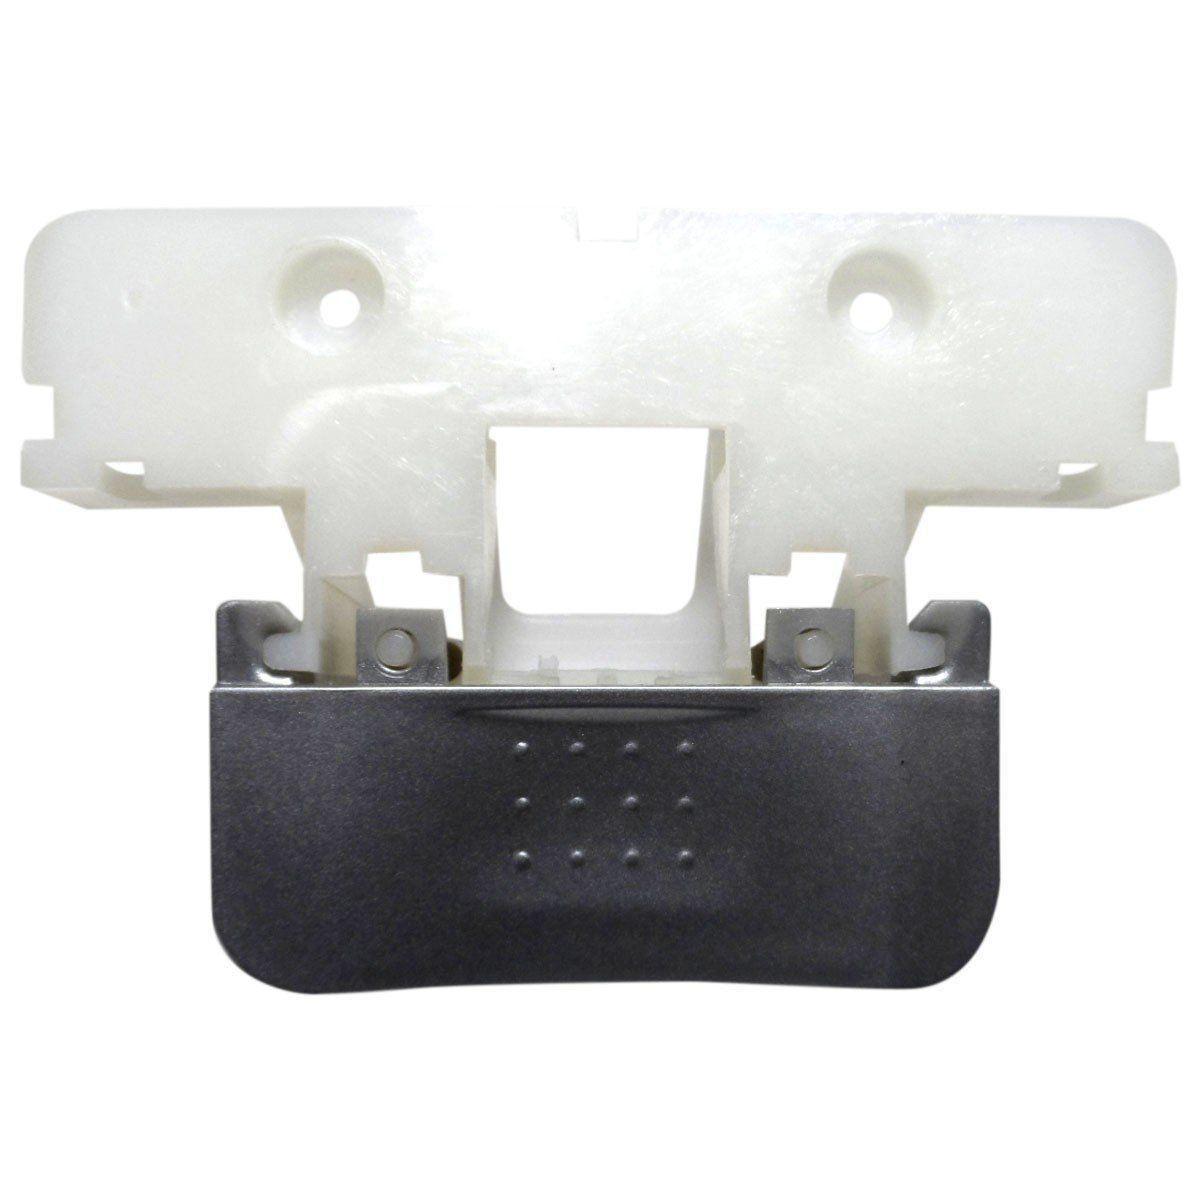 Conjunto Acionador Água Inox Refrigerador Electrolux 70295112